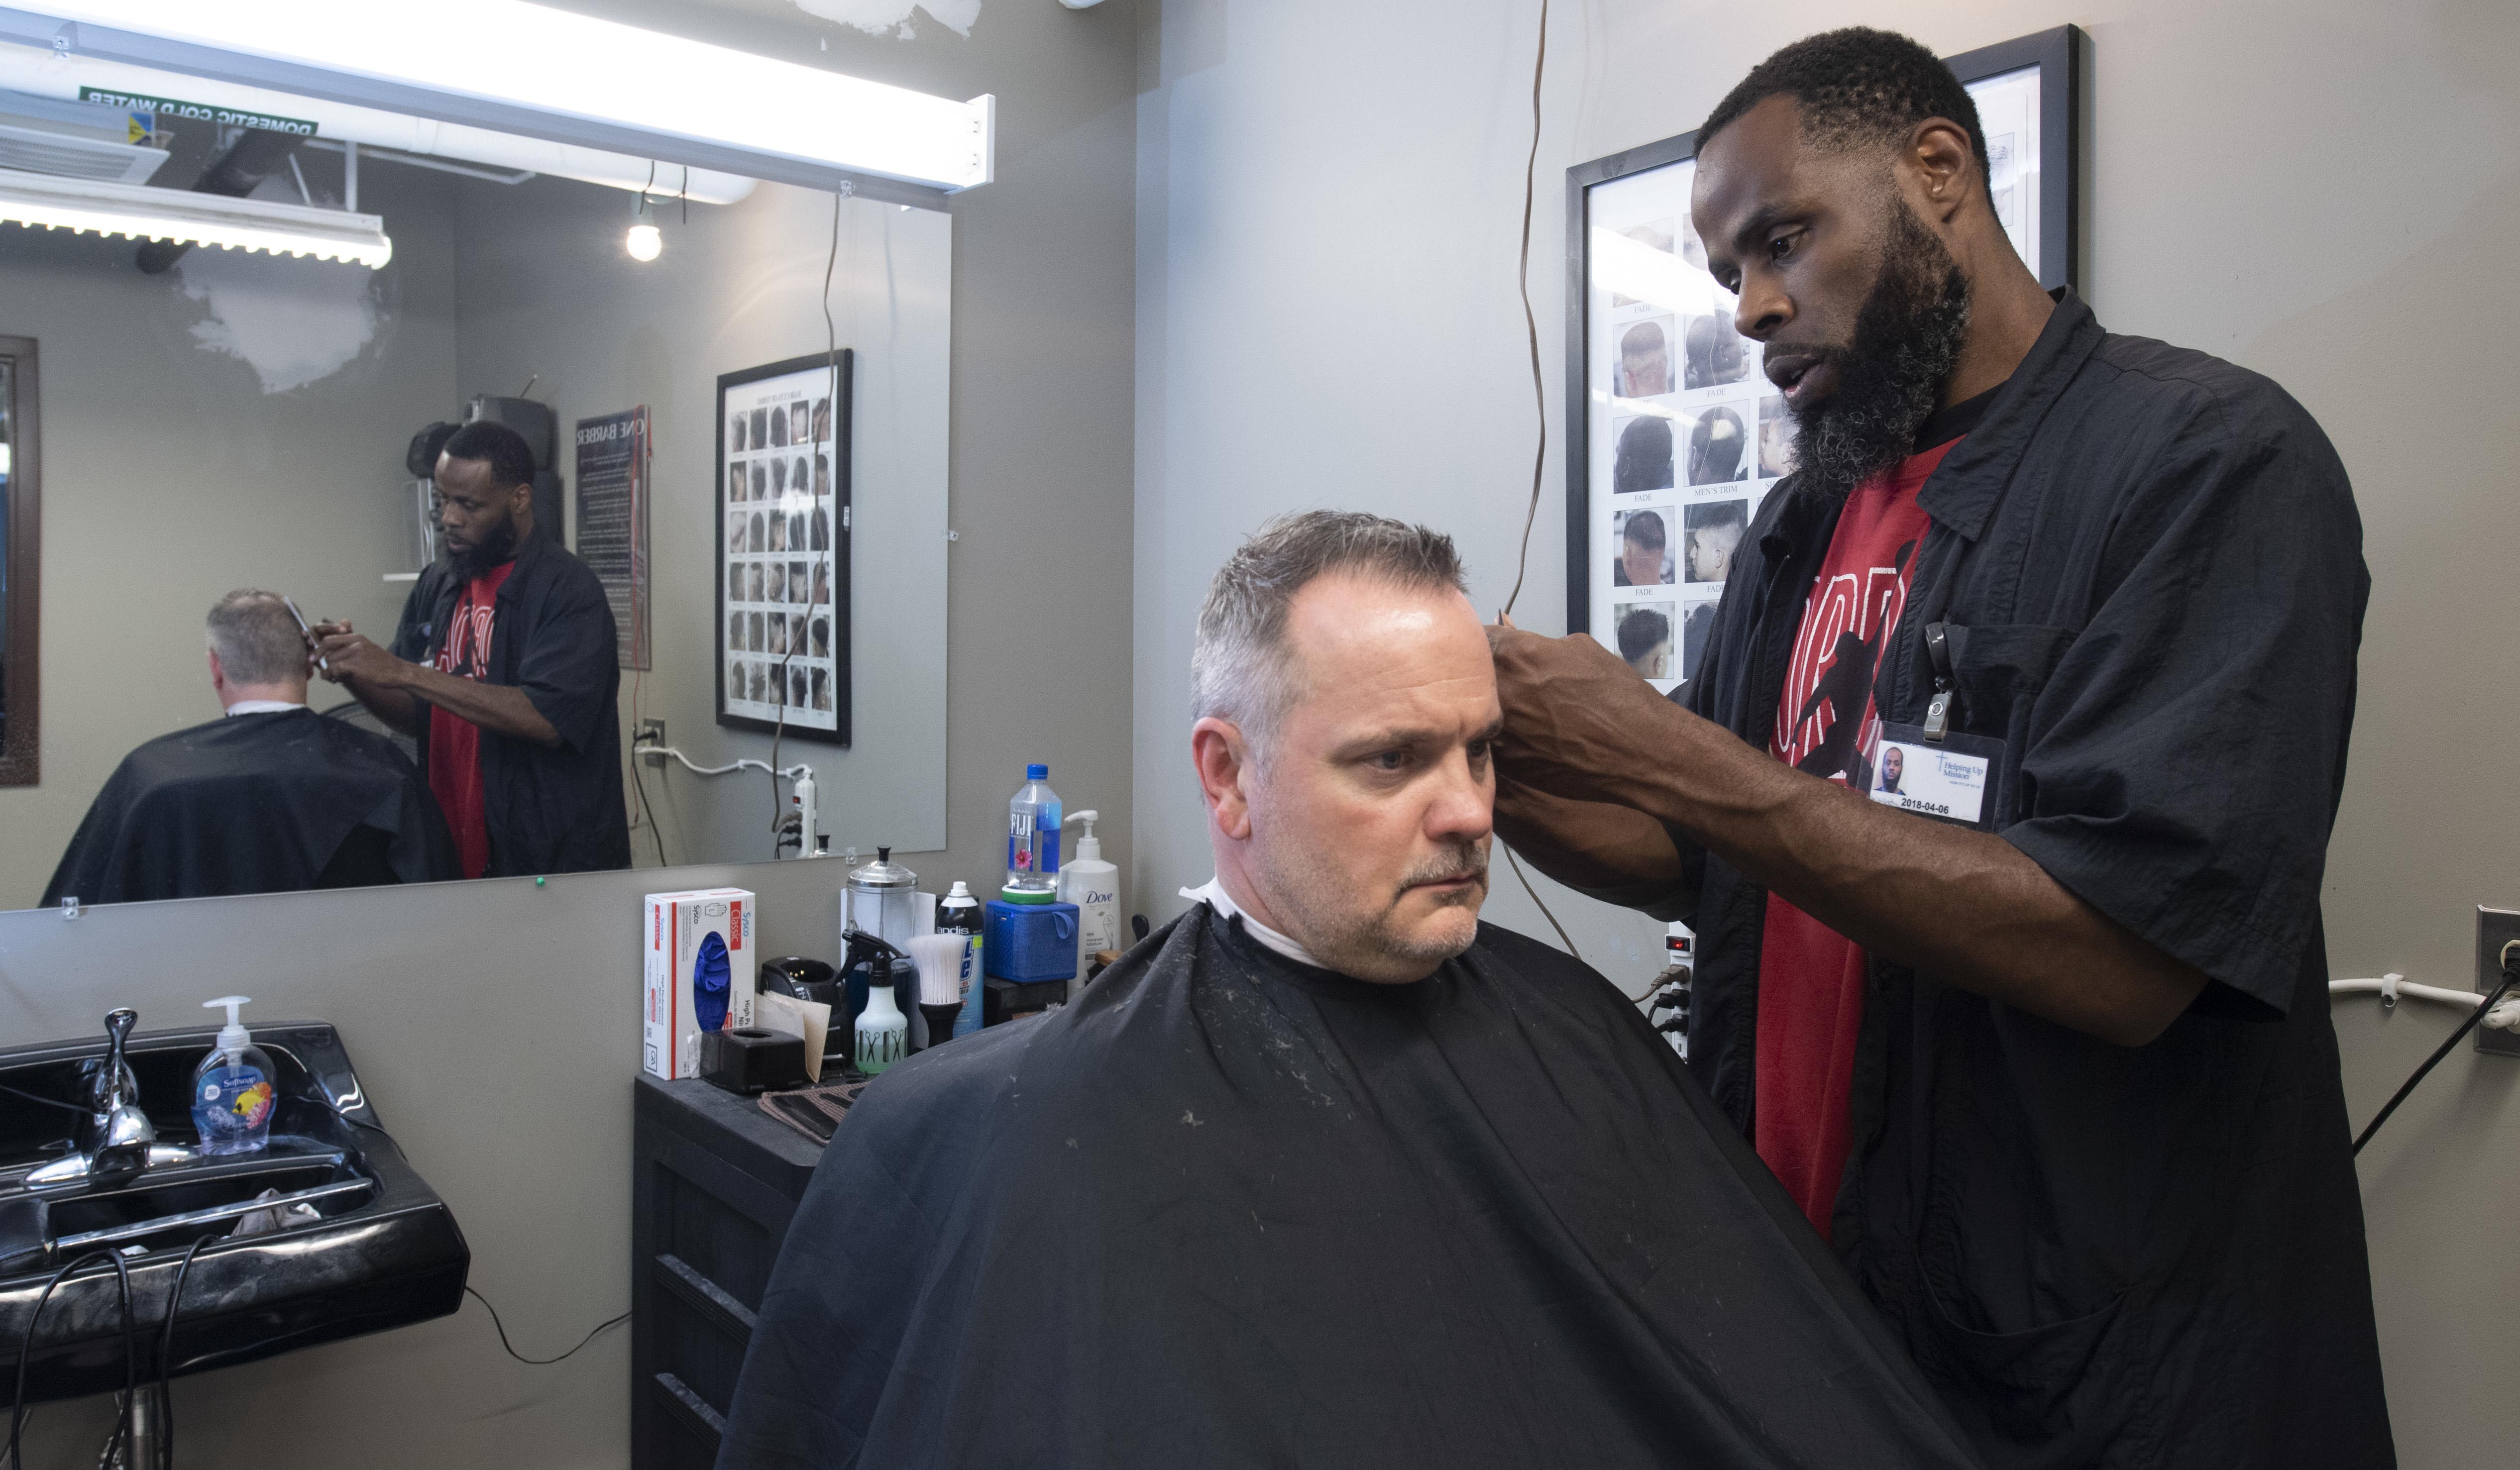 a man getting a haircut